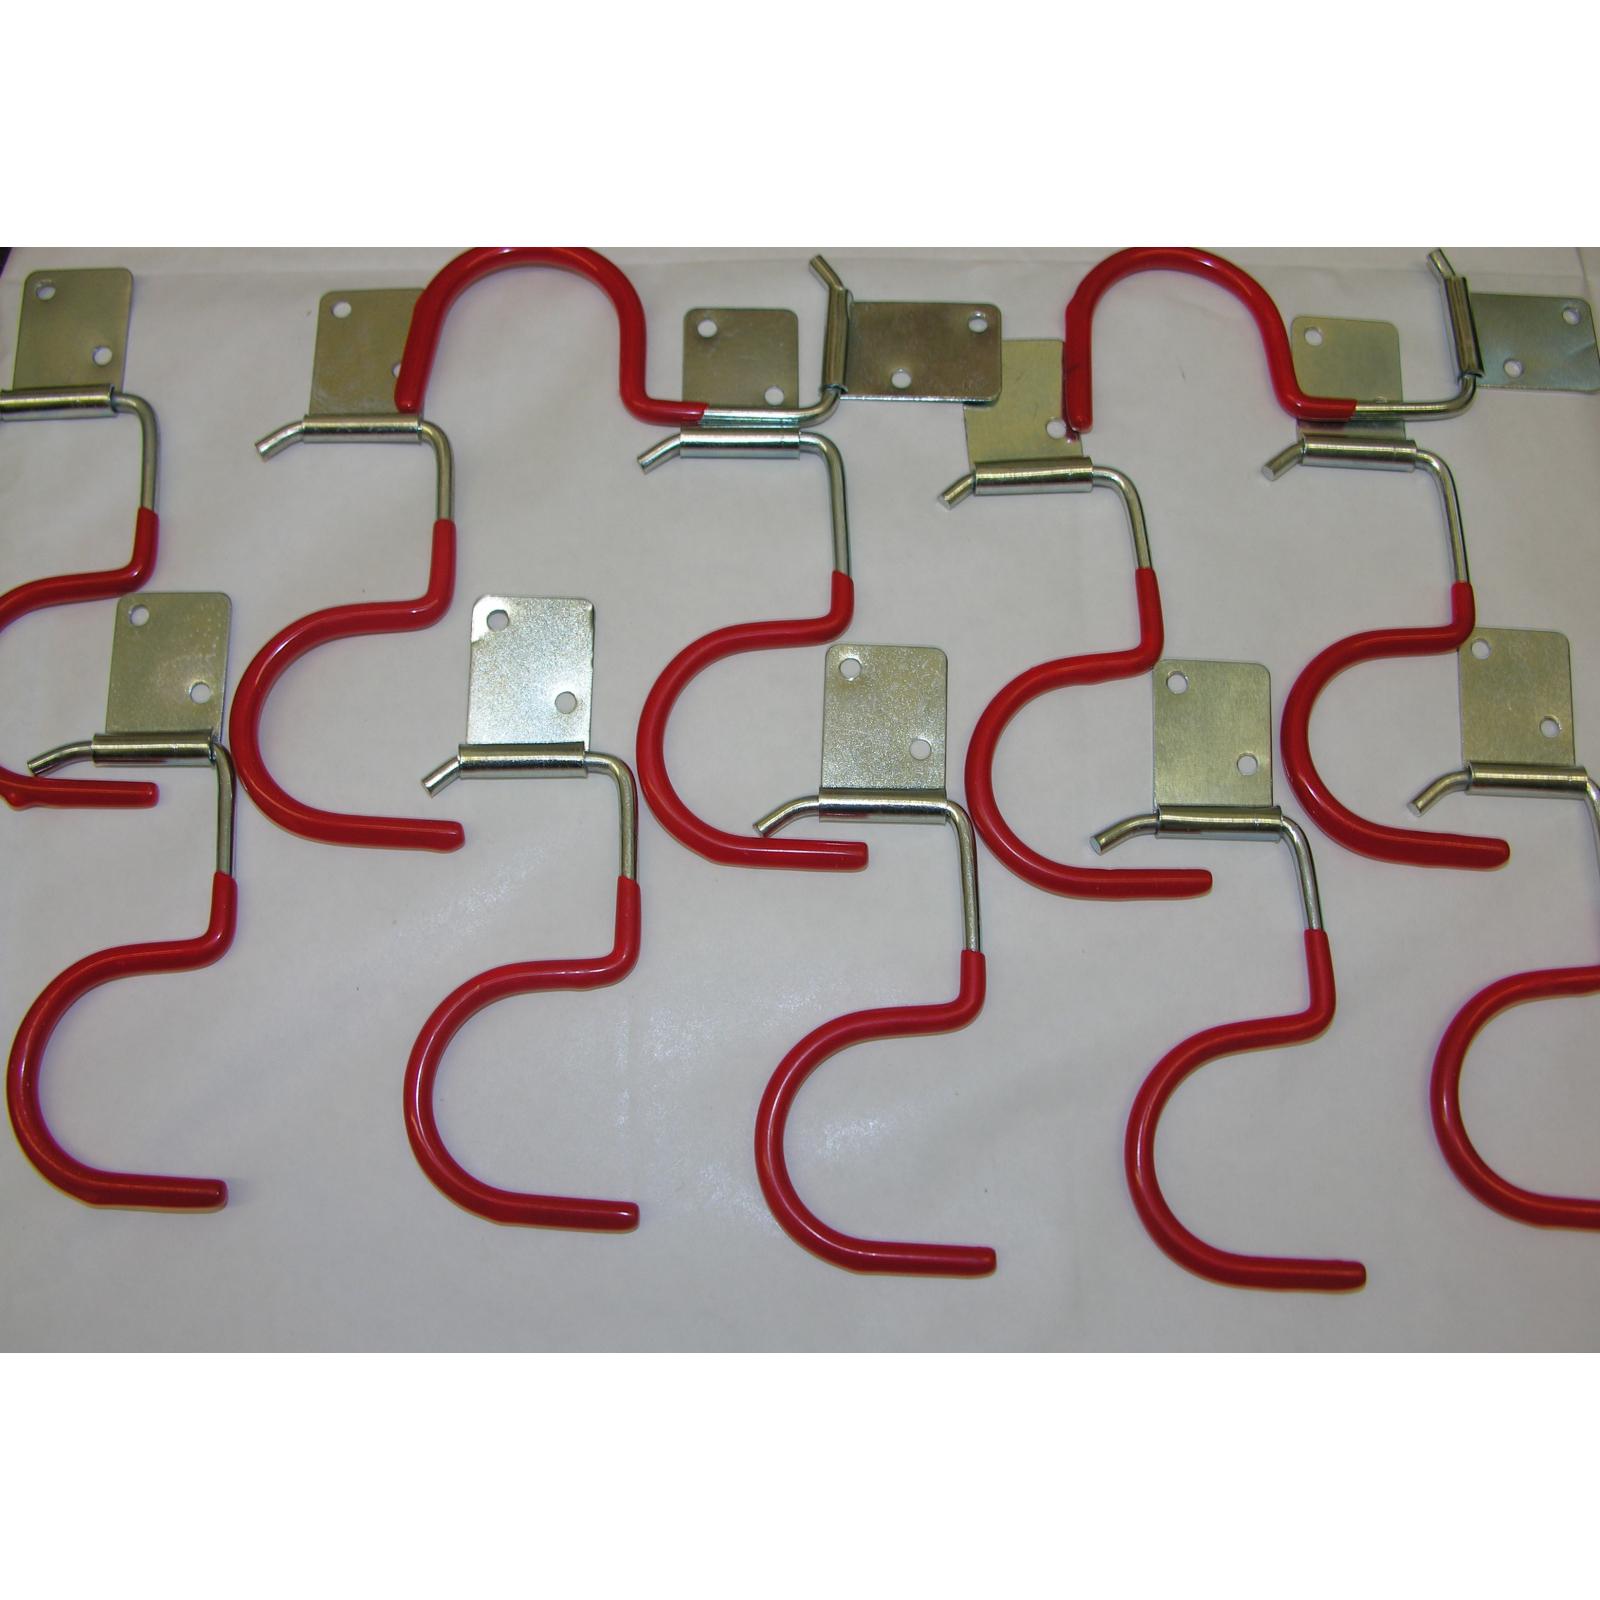 15xGerätehalter Geräteleiste Haken Besenhalter Werkzeughalter Gartengerätehalter